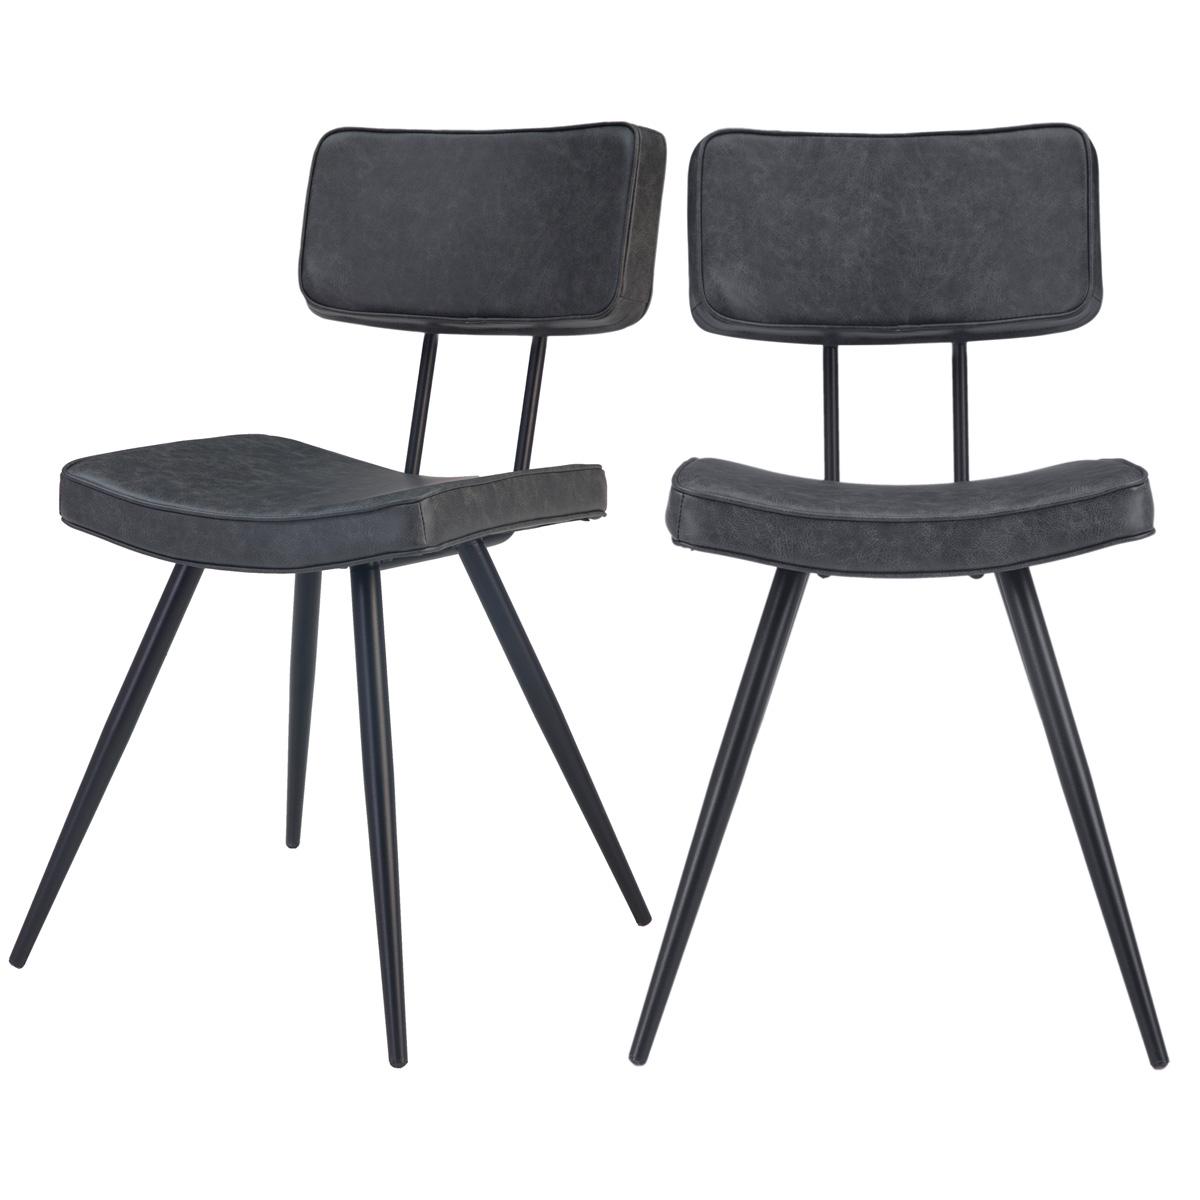 Chaise en cuir synthétique gris/noir (lot de 2)